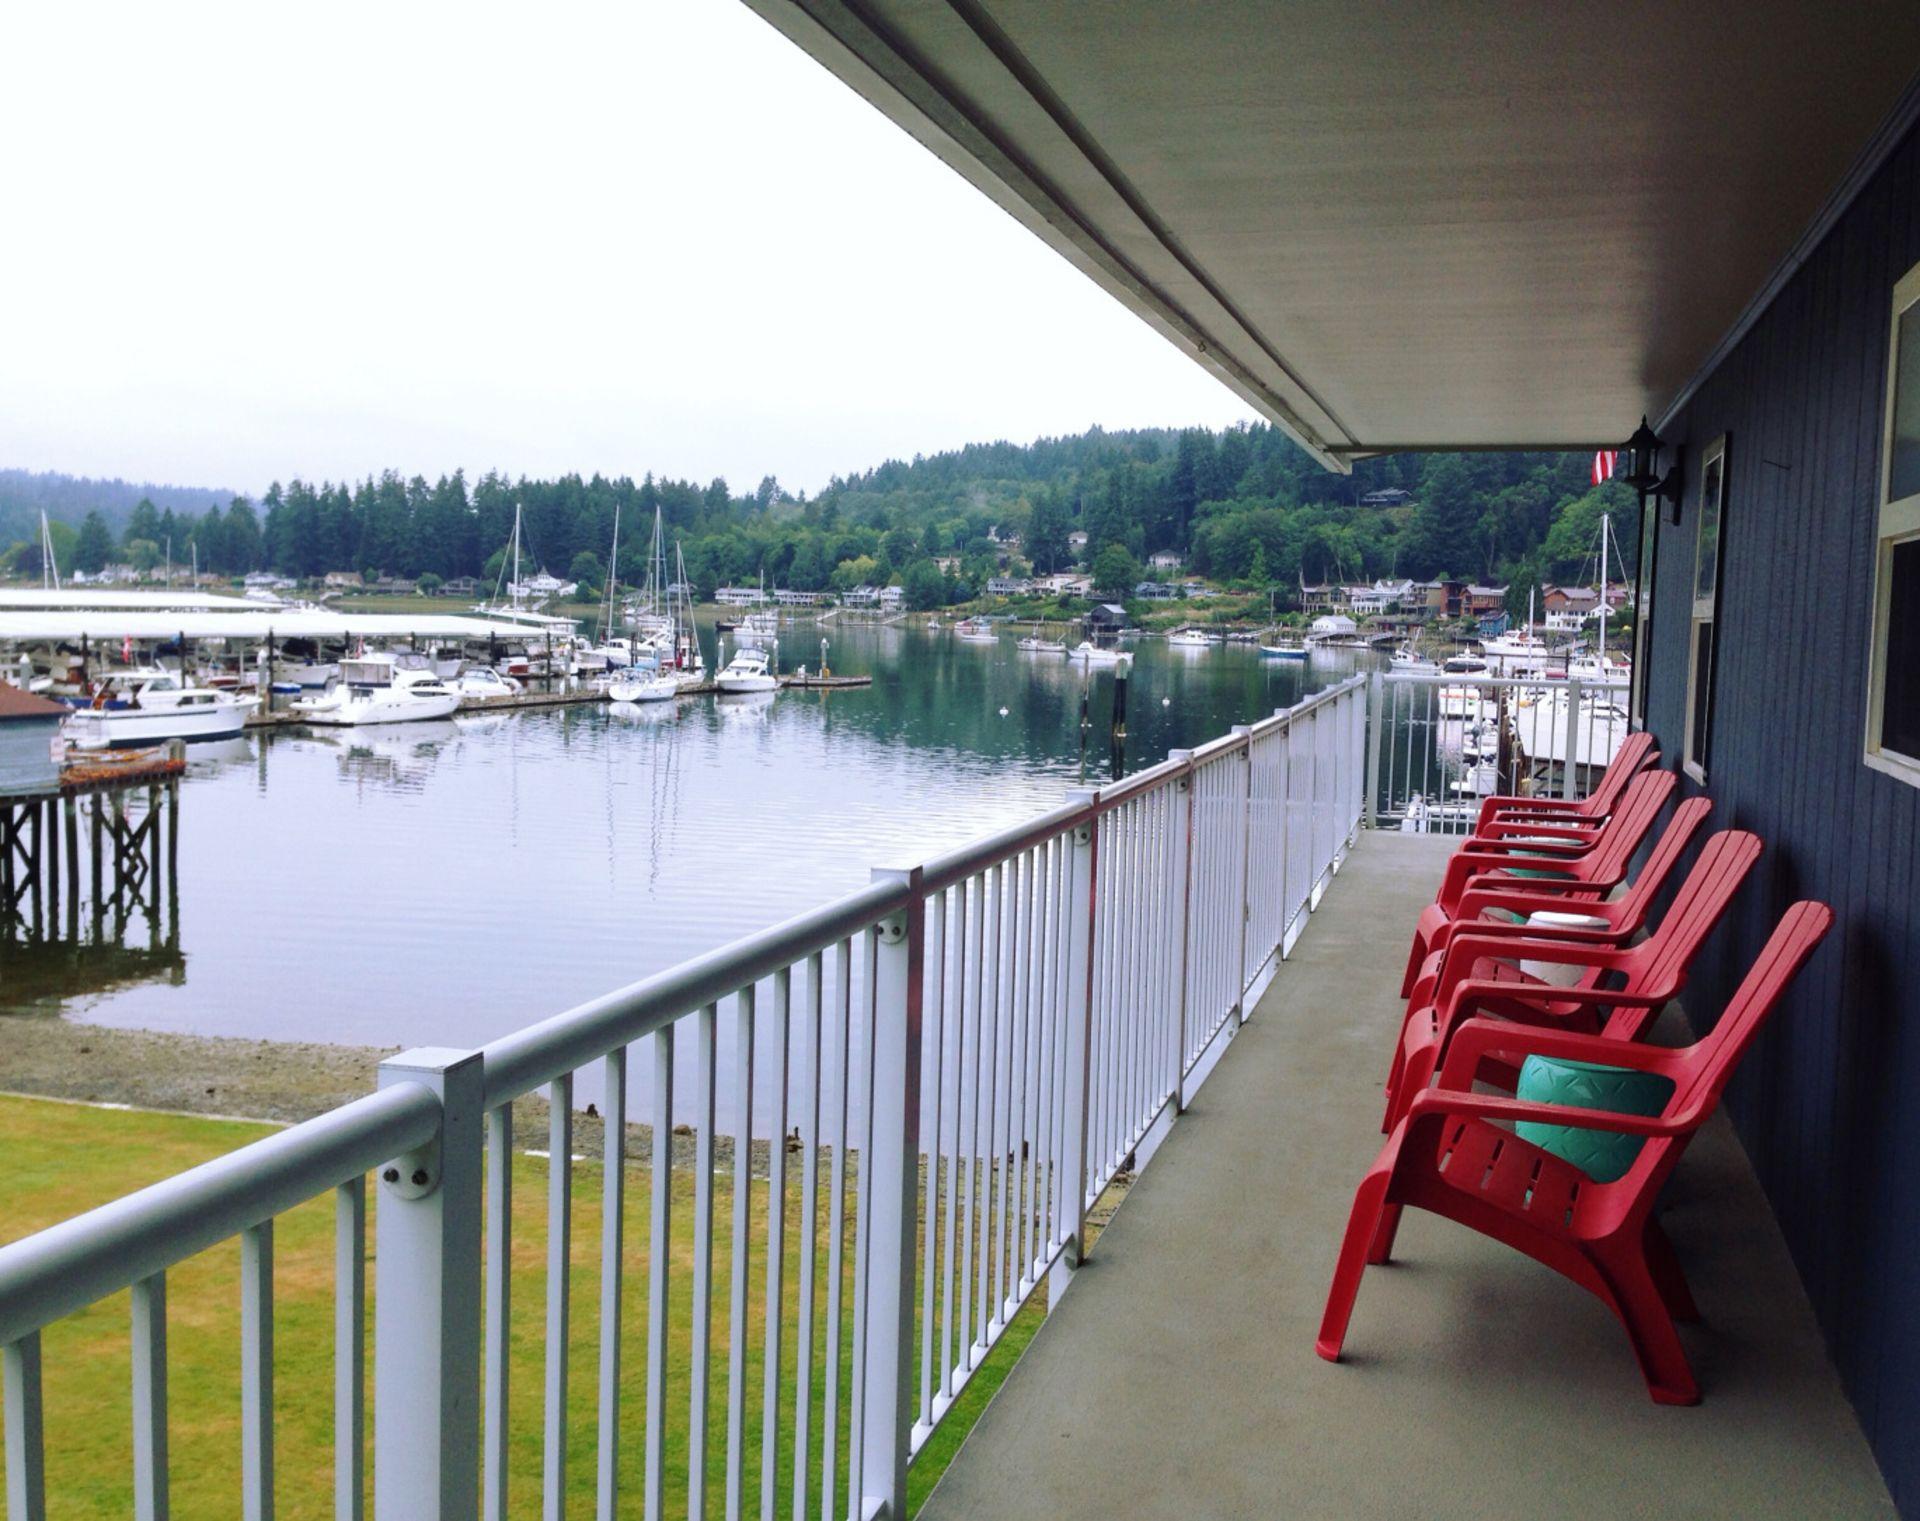 Check out the Gig Harbor Marina & Boatyard